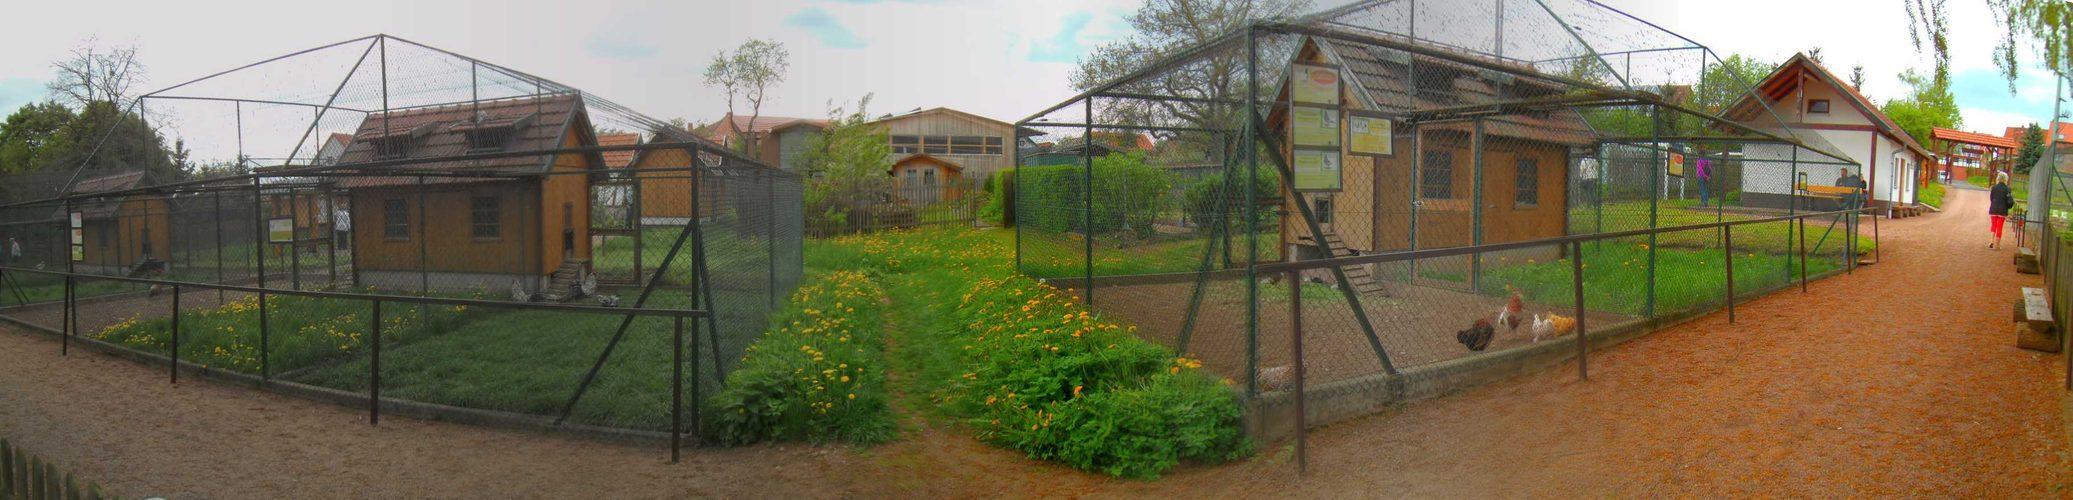 Panorama vom Geflügelpark